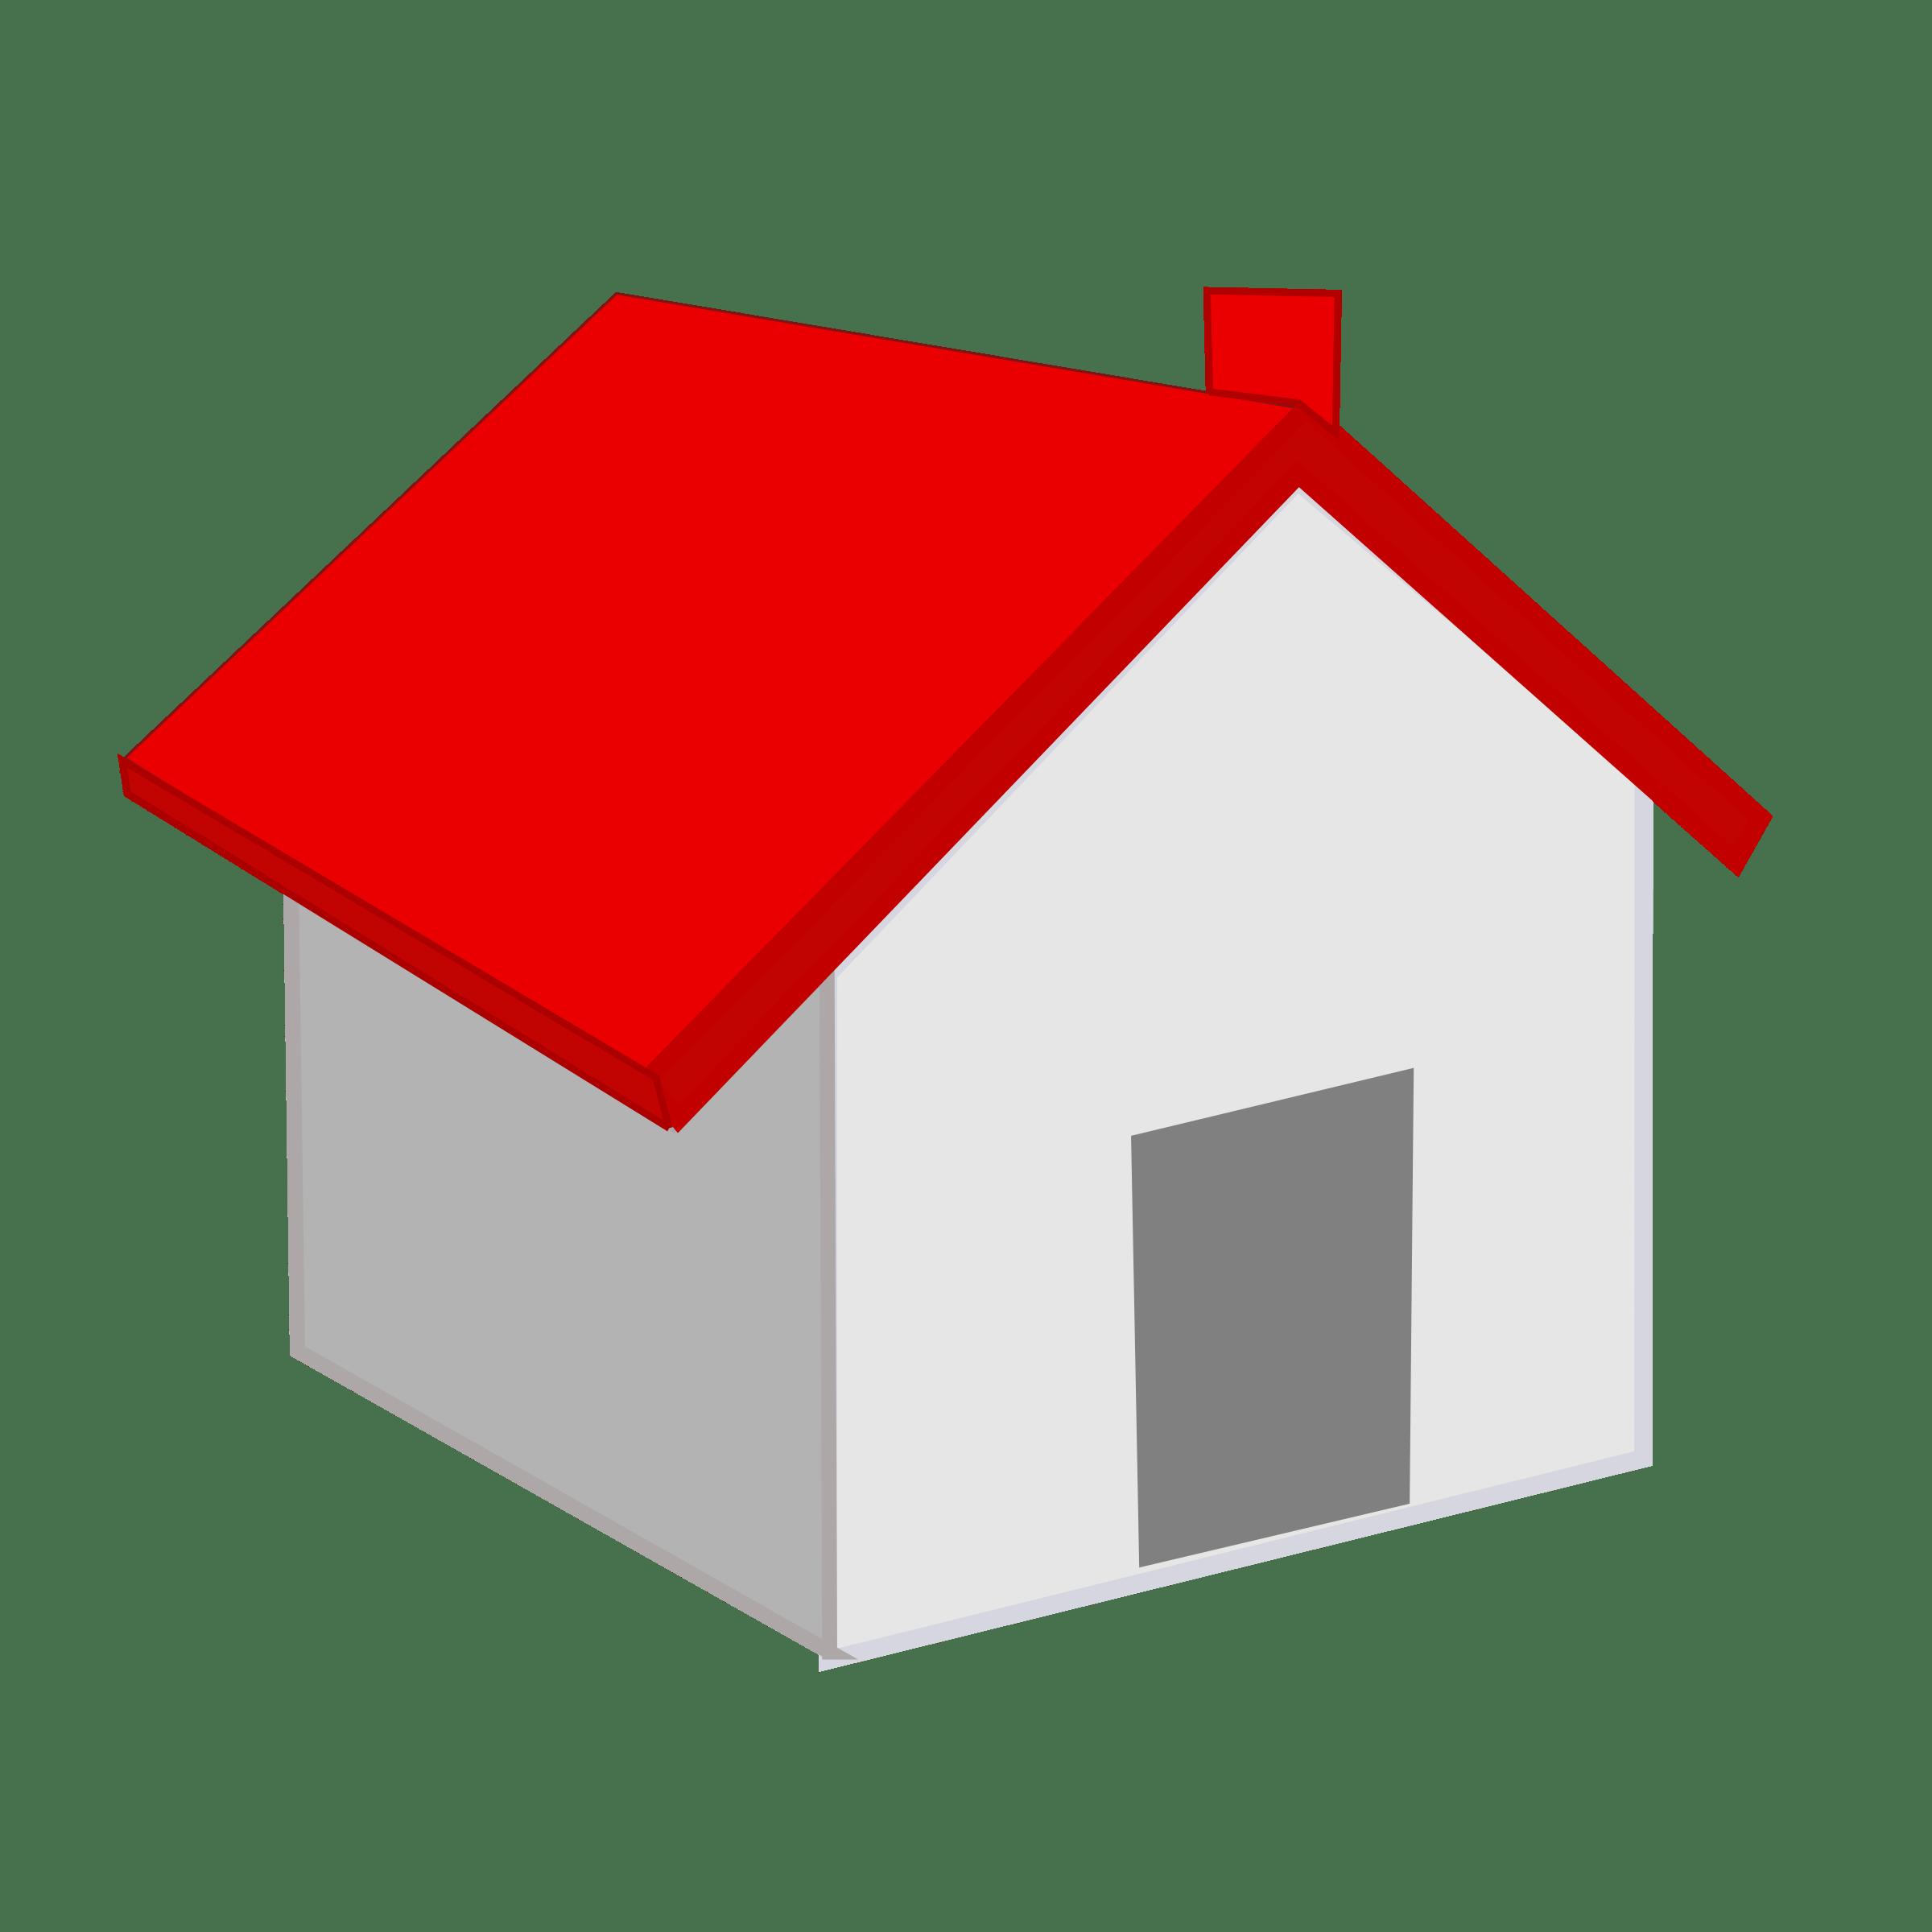 Icono Casa Con Techo Rojo Techo Rojo Casas Imagenes De Casas